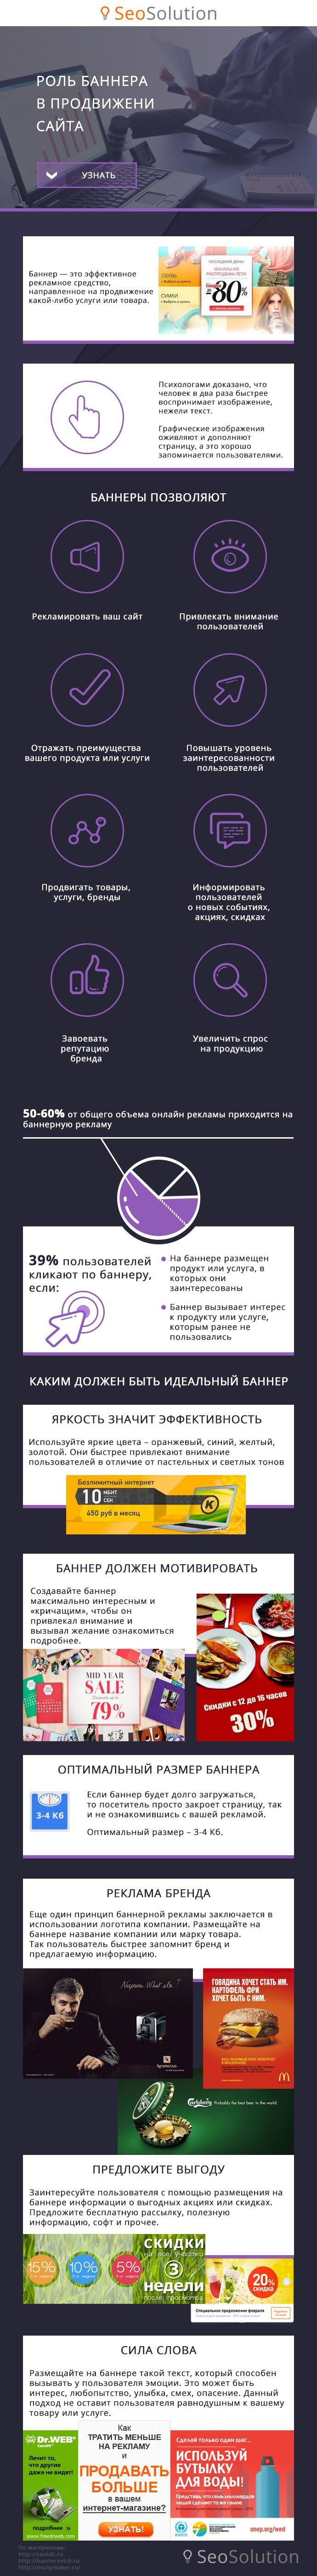 Привлечение внимания пользователей с помощью баннера #инфографика #banner #advertising